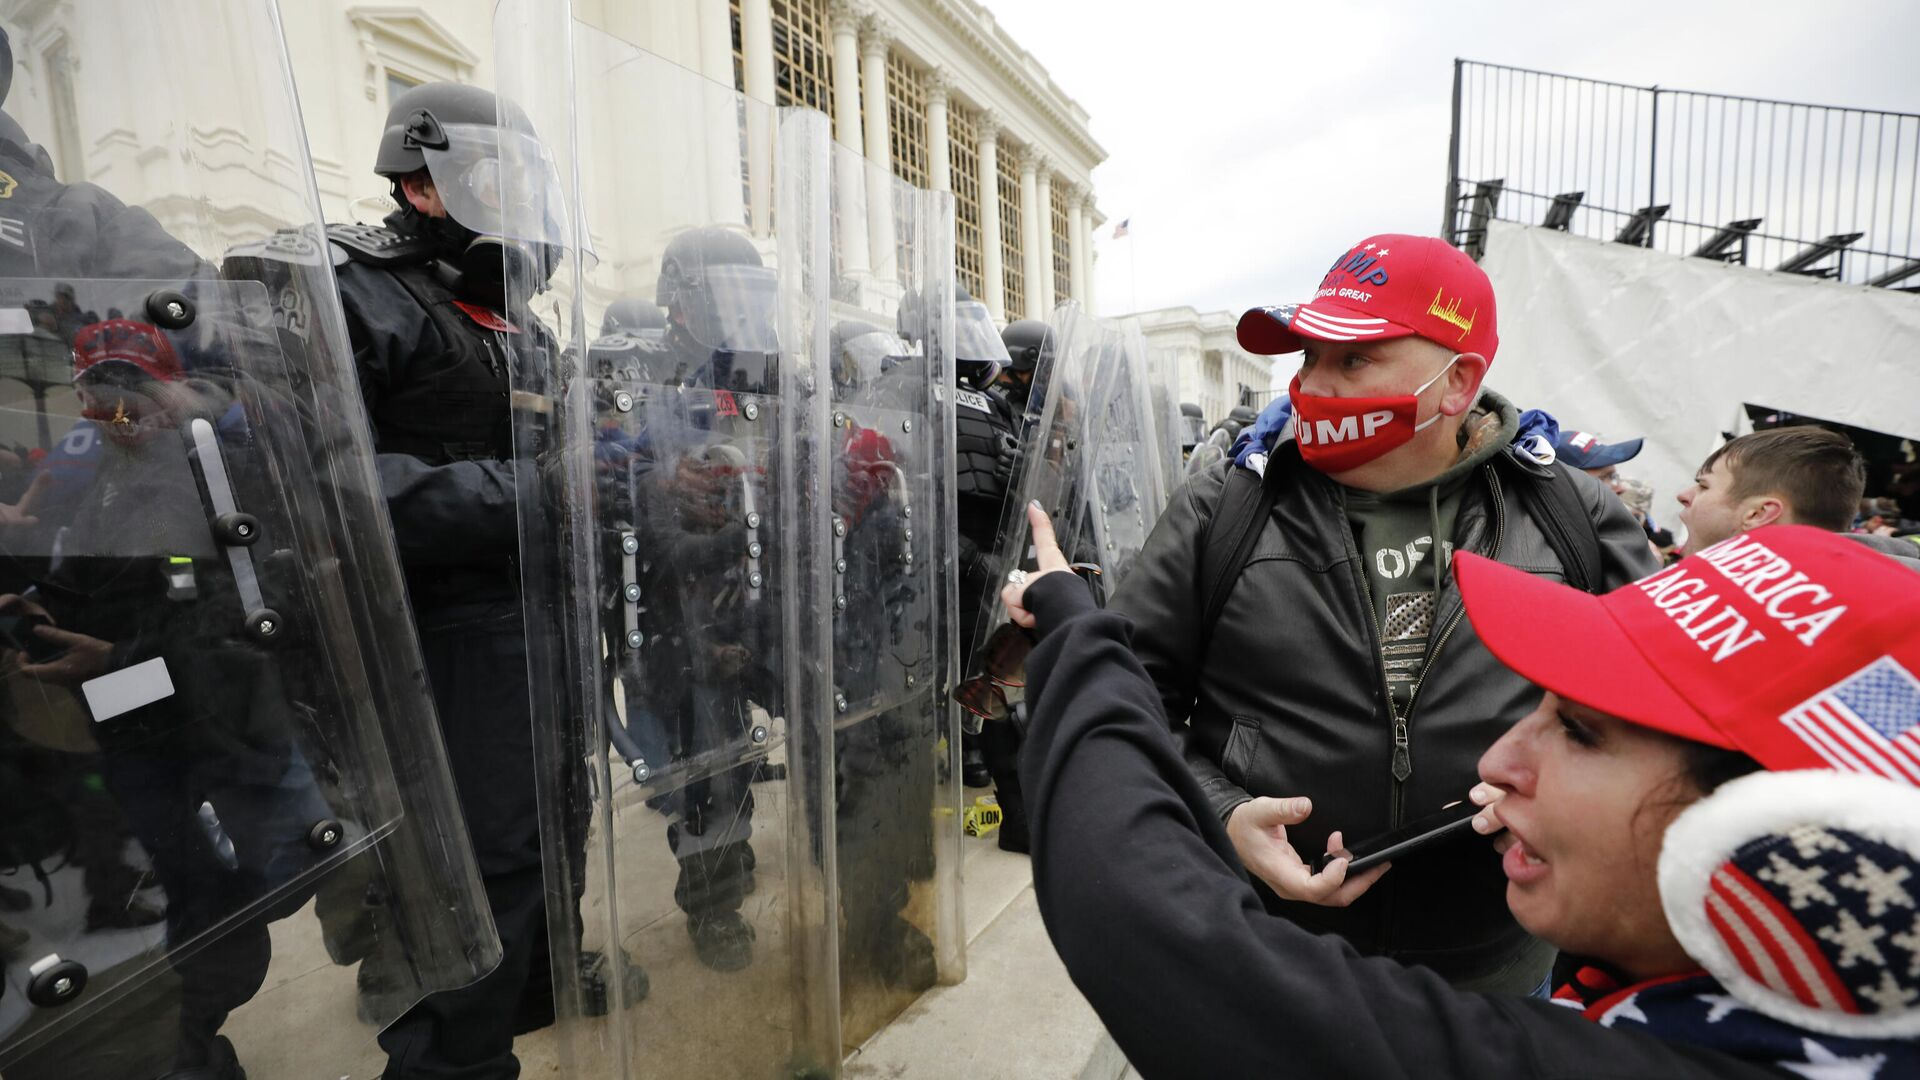 Сотрудники полиции и участники акции протеста сторонников действующего президента США Дональда Трампа у здания конгресса в Вашингтоне - РИА Новости, 1920, 23.01.2021